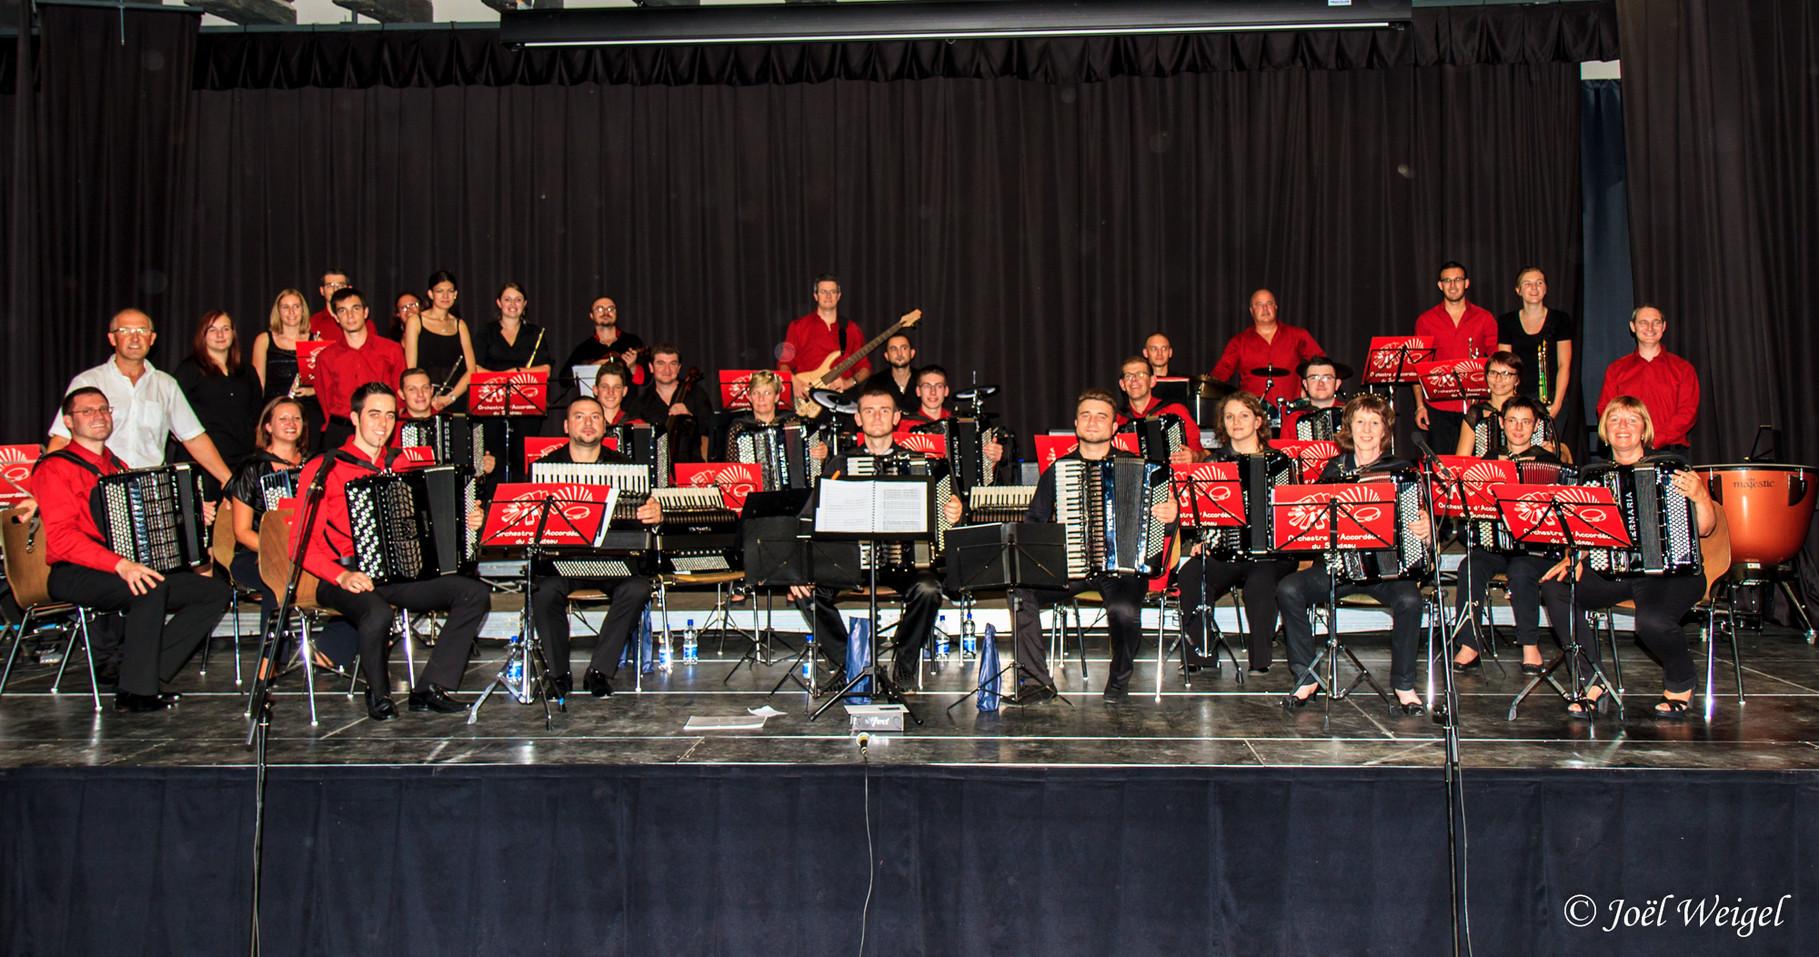 septembre 2014: Concert avec ConcertinoBand de Modavie à Altkirch